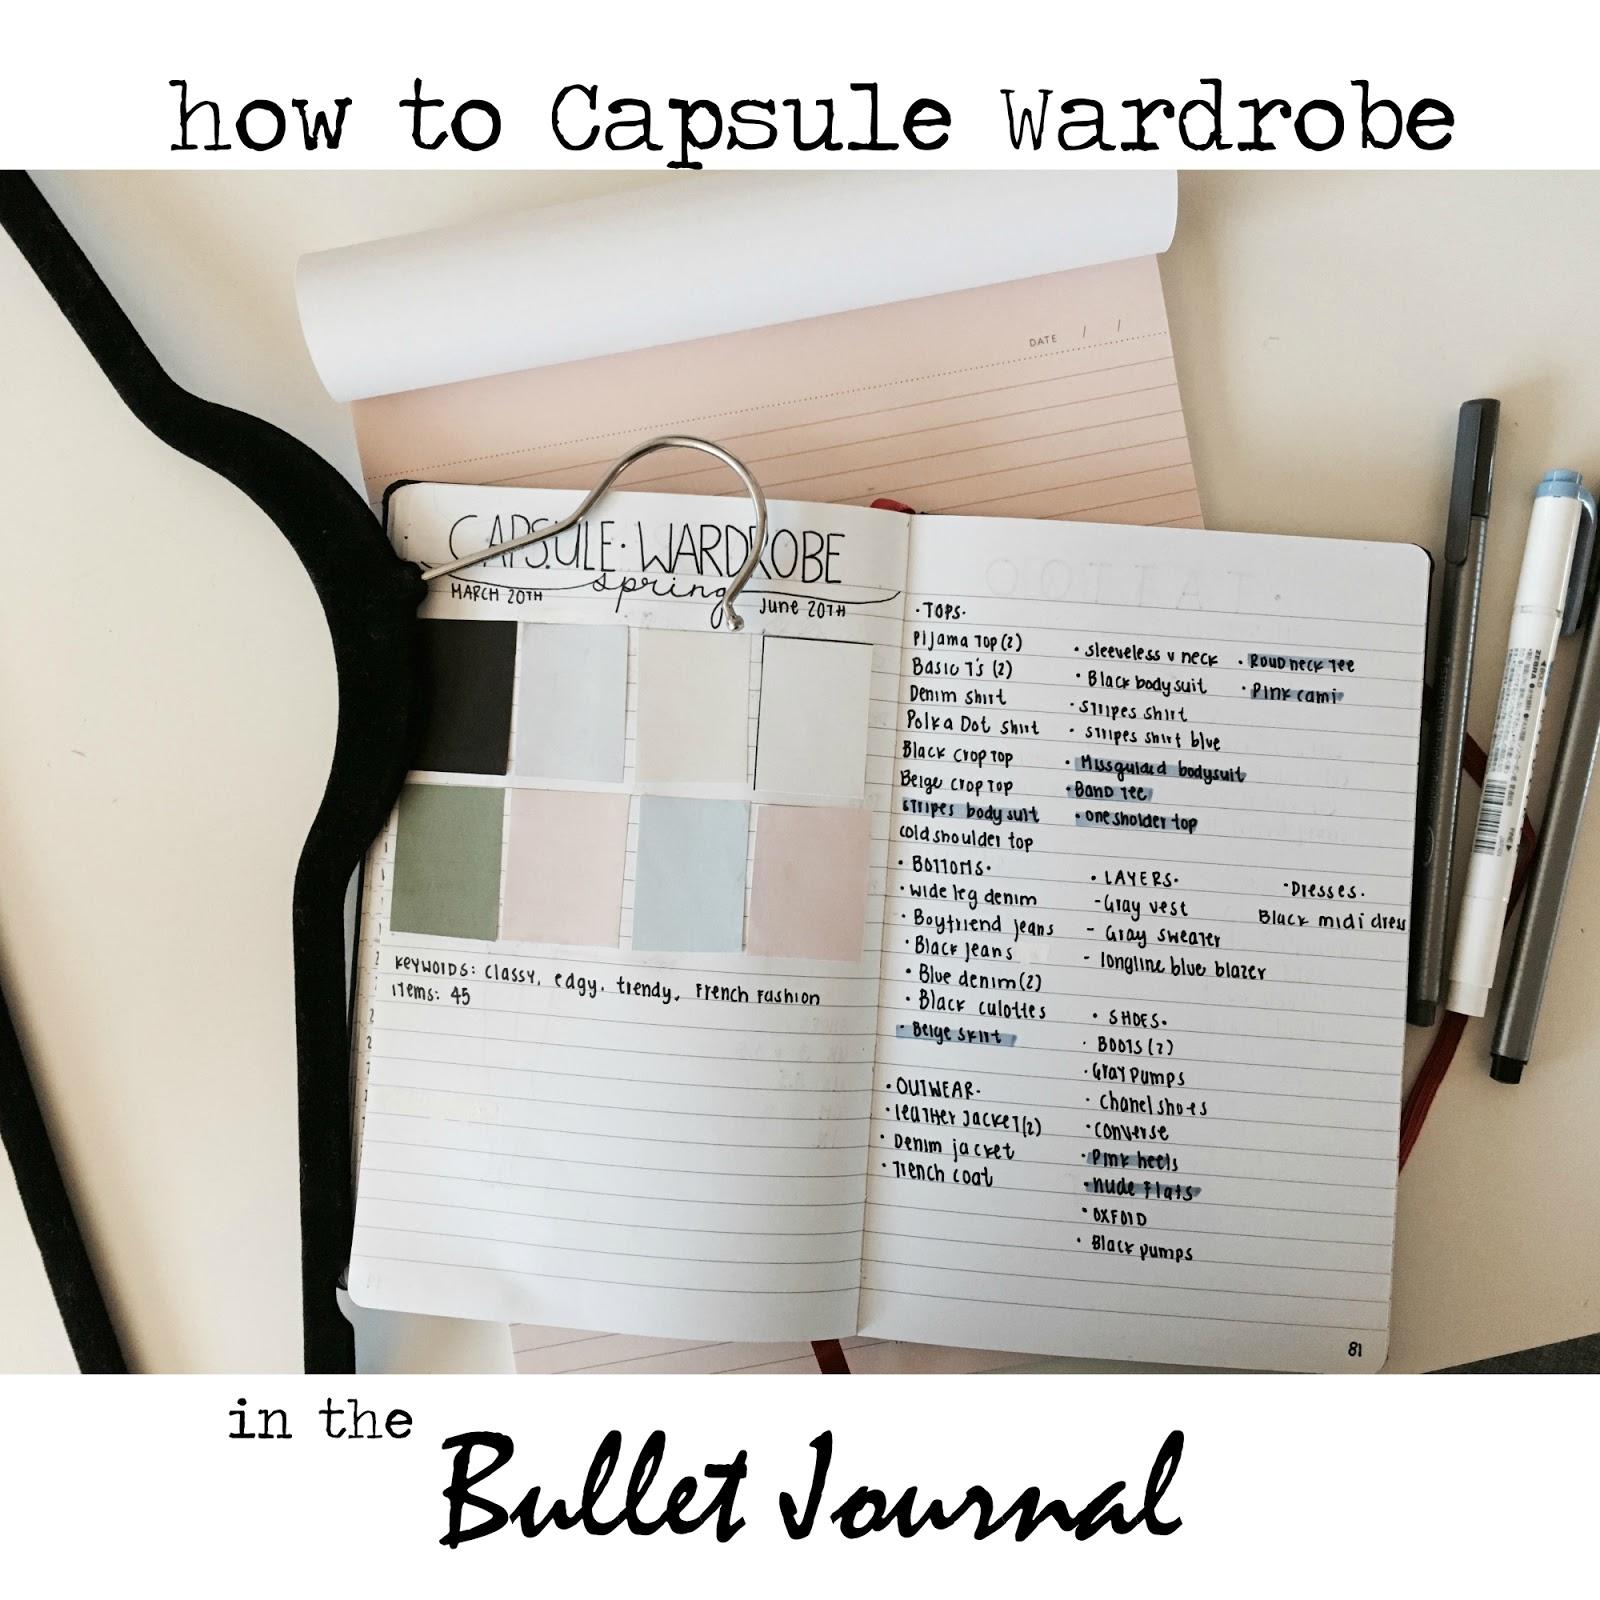 HOW I CAPSULE WARDROBE IN MY BULLET JOURNAL| SPRING 2017 ...